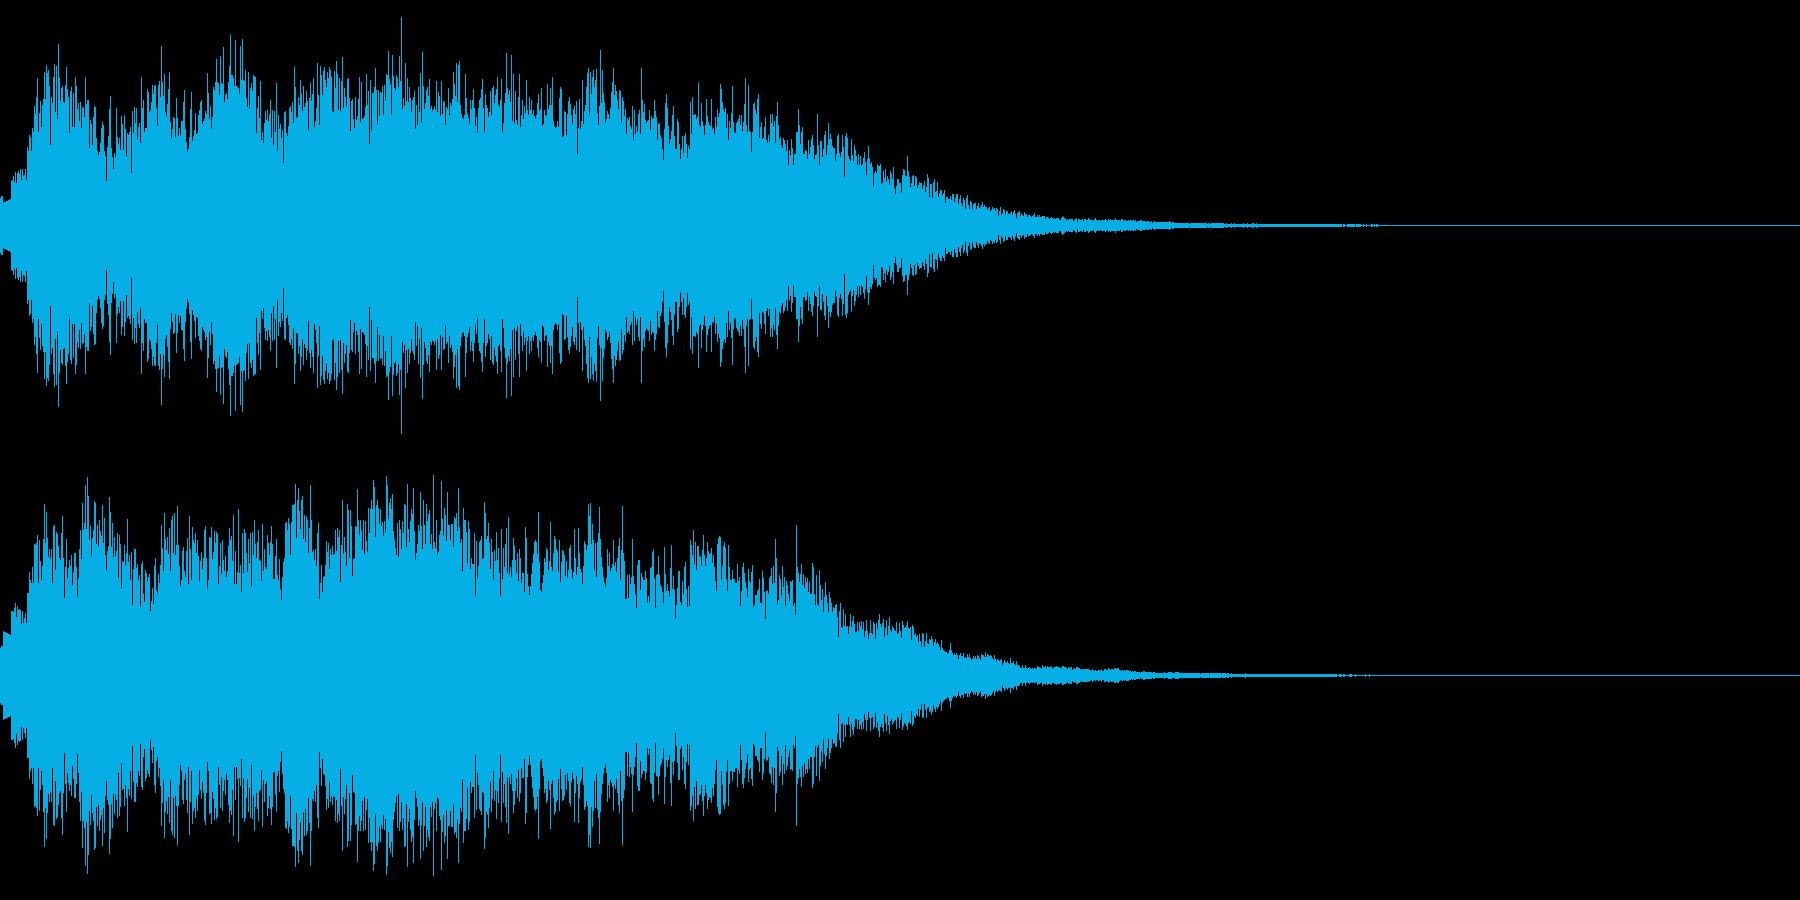 効果音 キラキラ 魔法 の再生済みの波形